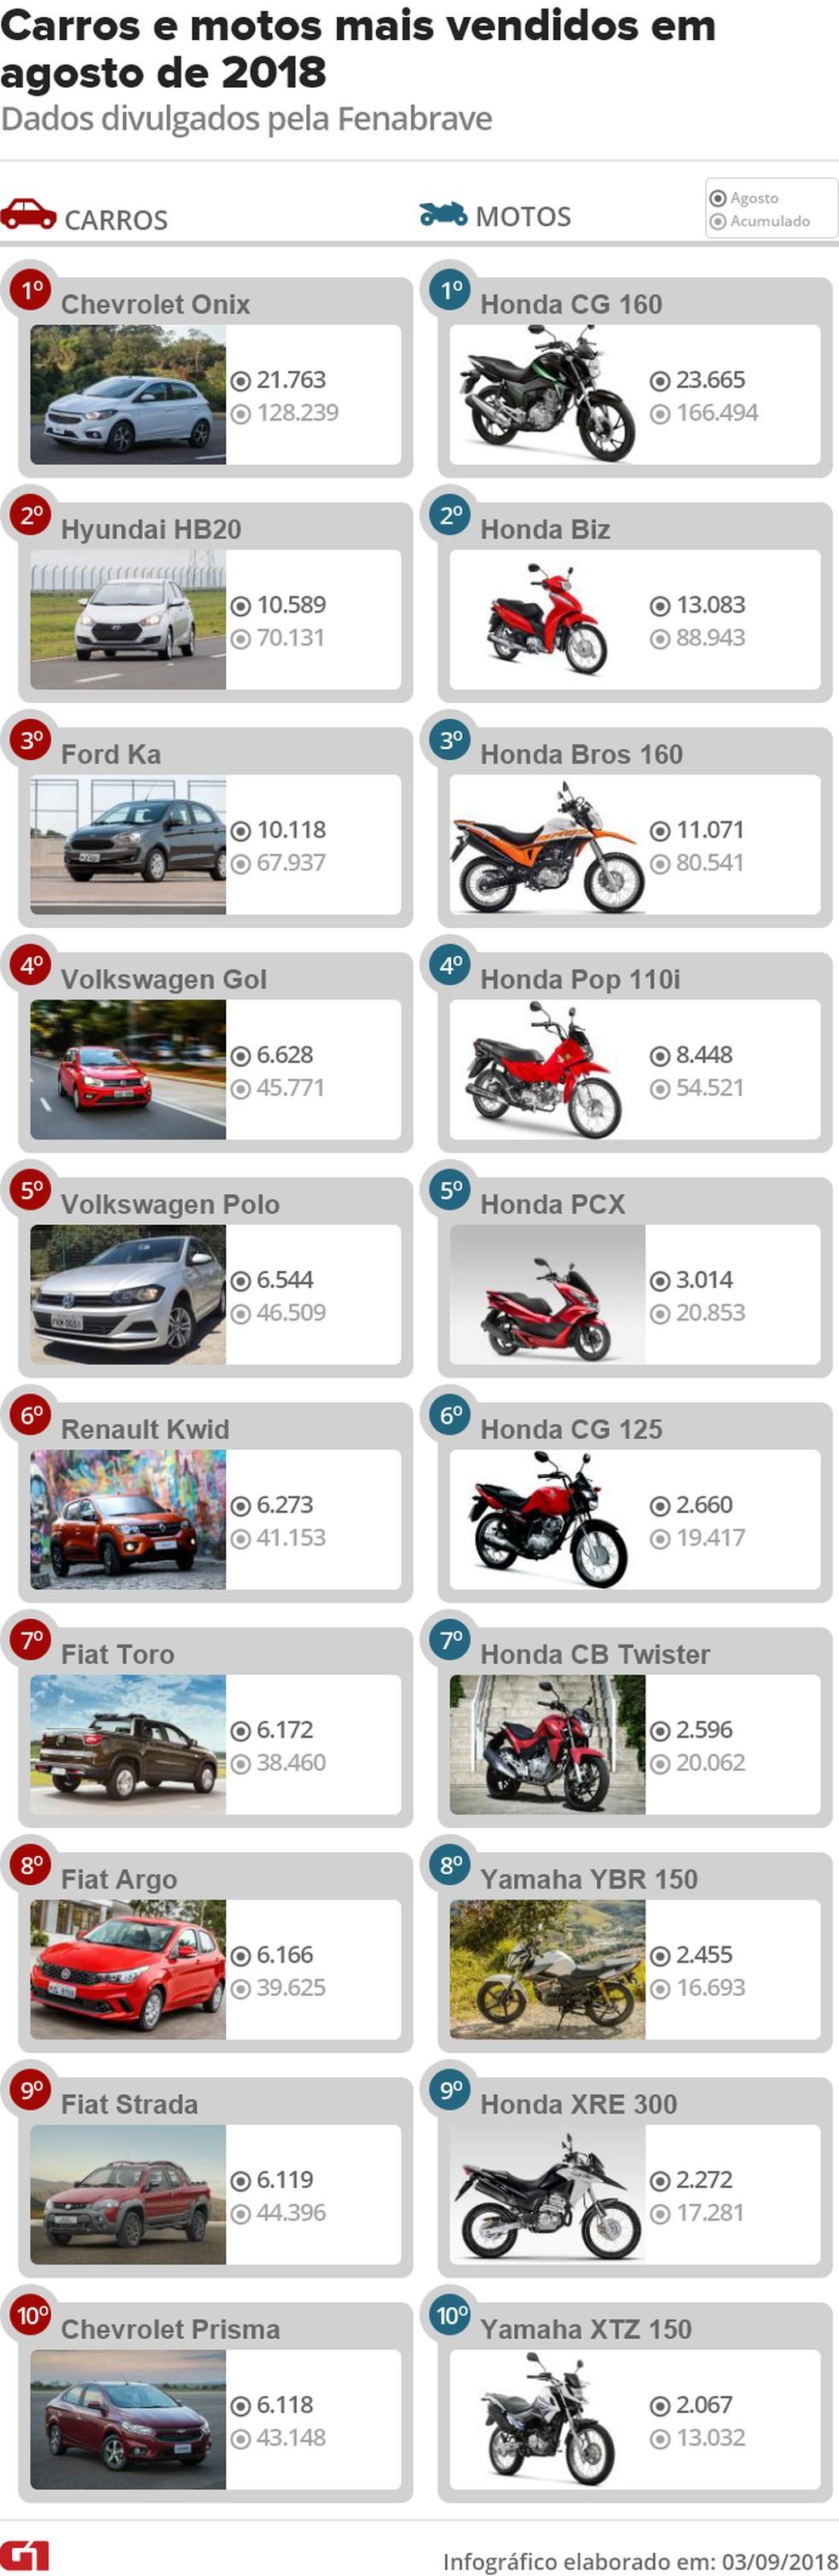 Veja 10 carros e 10 motos mais vendidos em agosto de 2018 — Foto: Fotos: Marcelo Brandt, André Paixão/G1 e divulgação